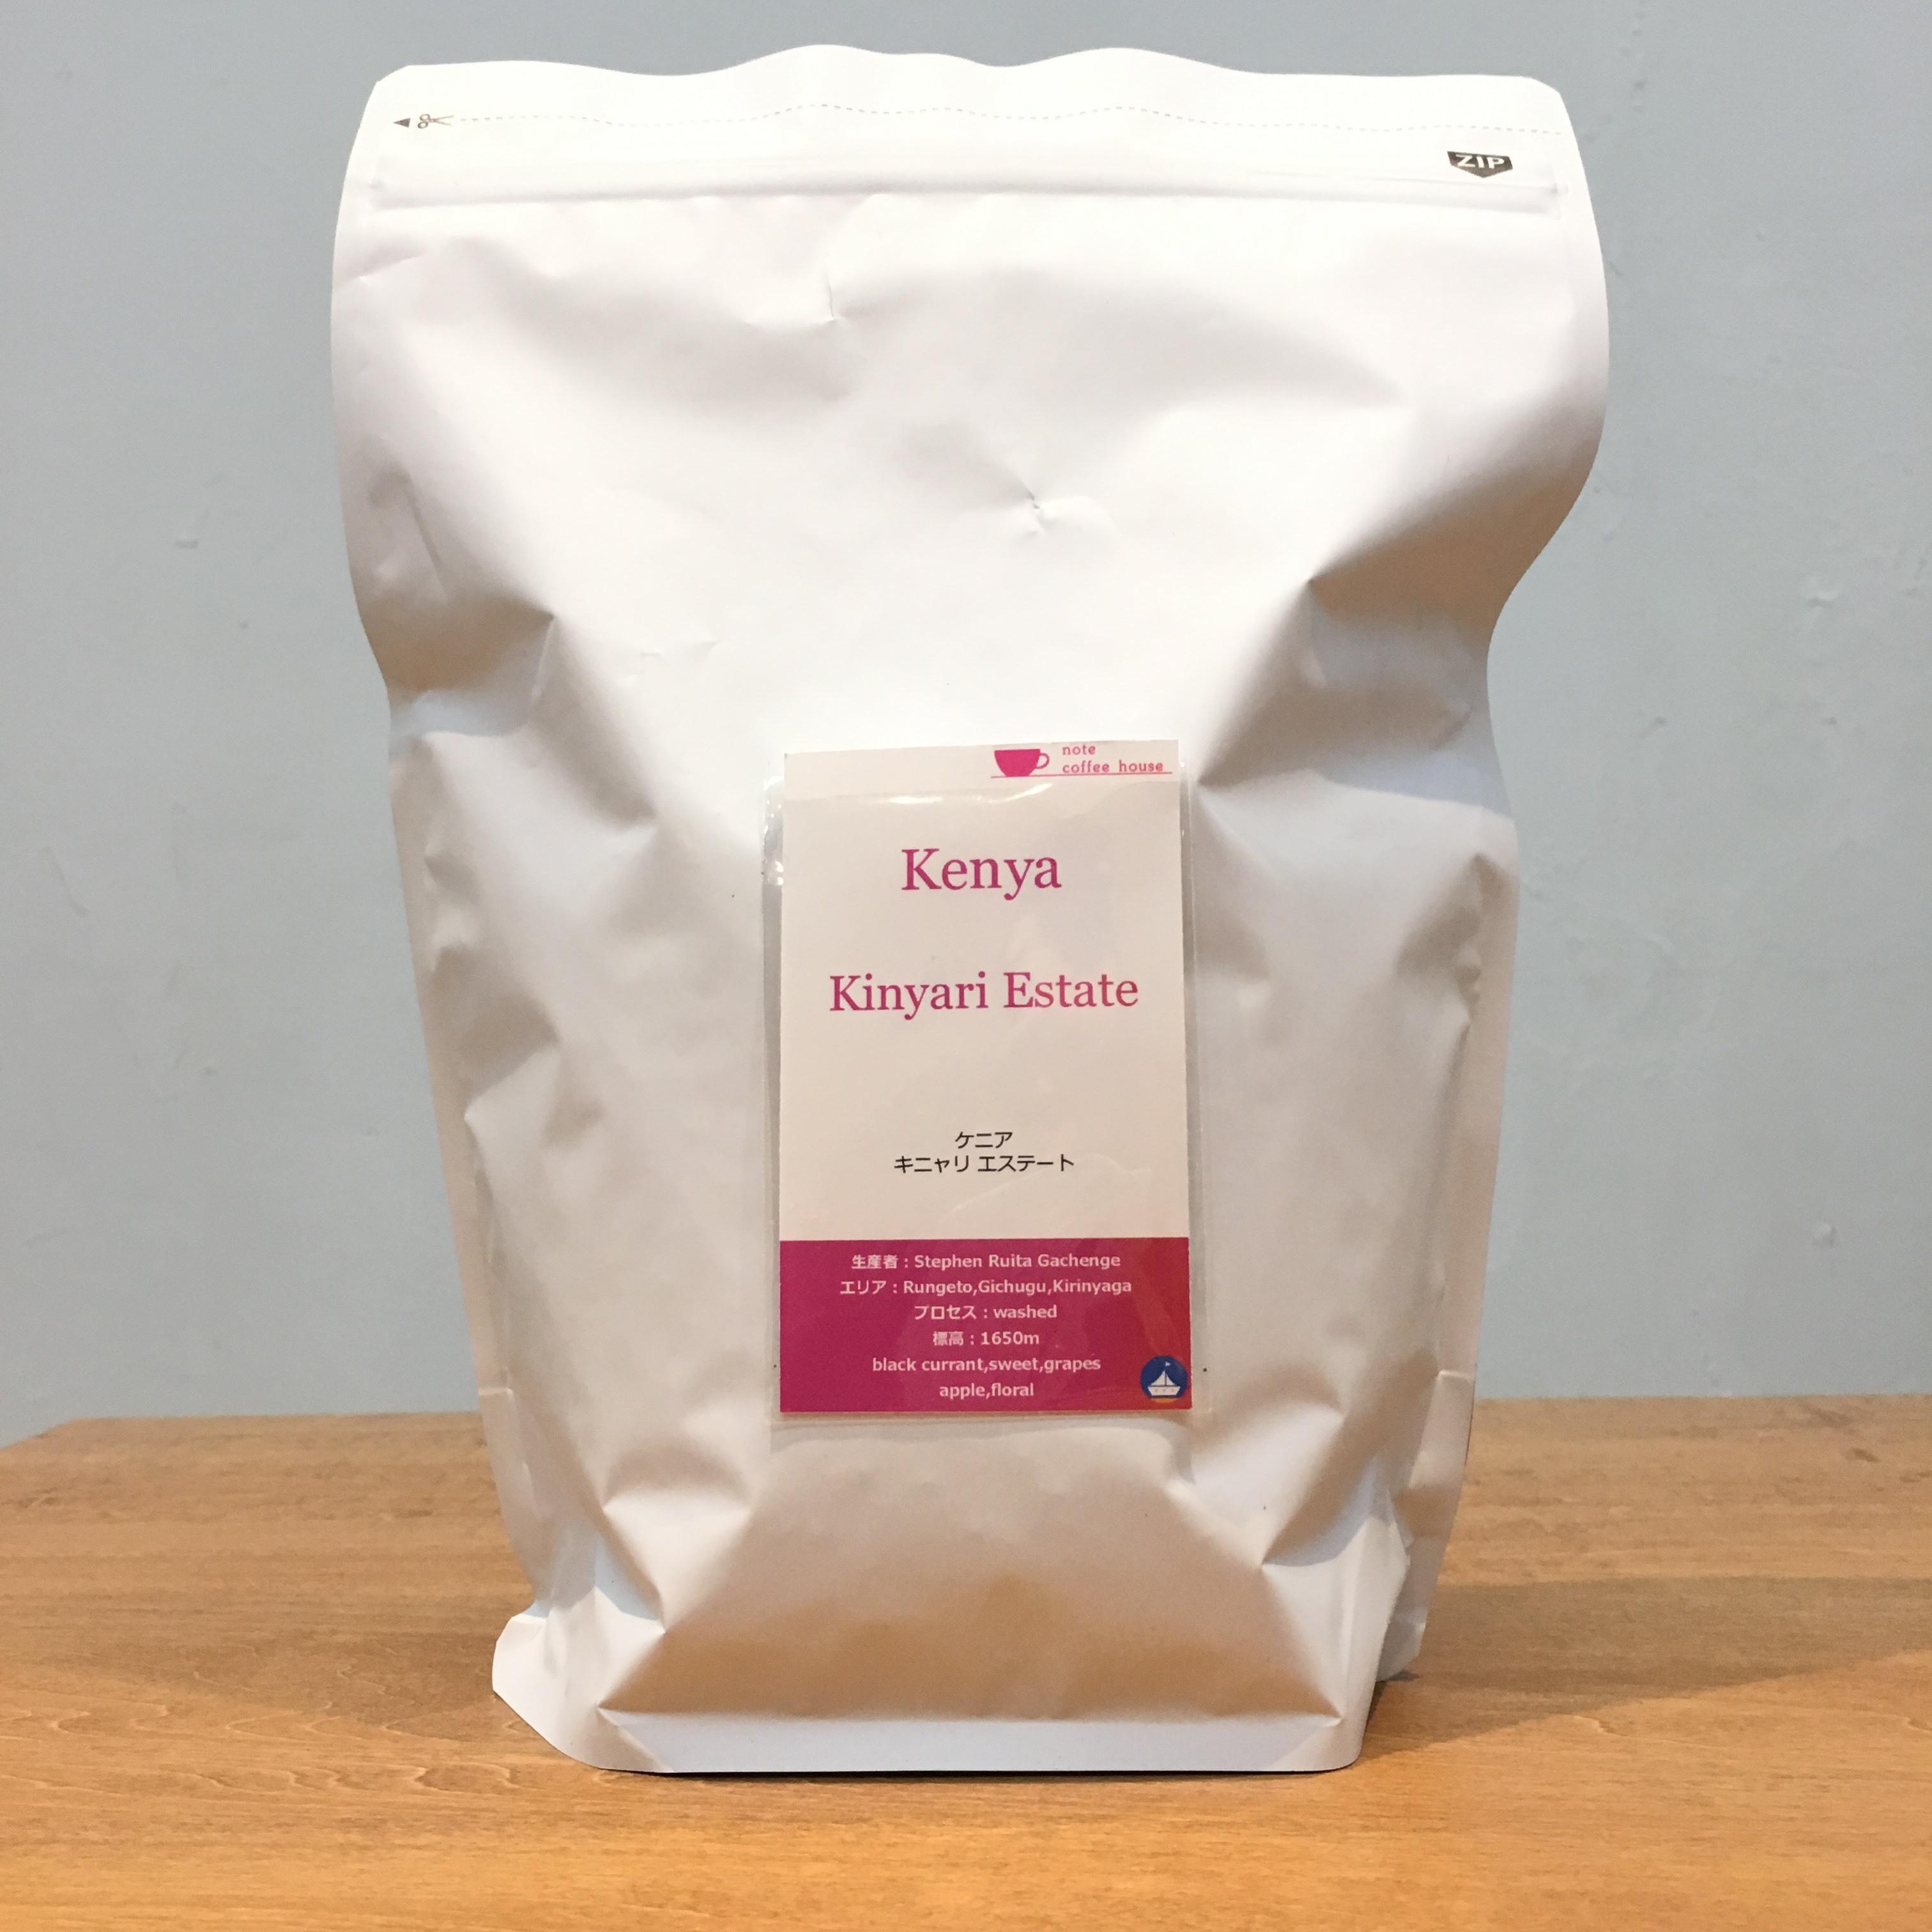 【業務用・送料無料】【500g】ケニア キニャリ【Kenya Kinyari】